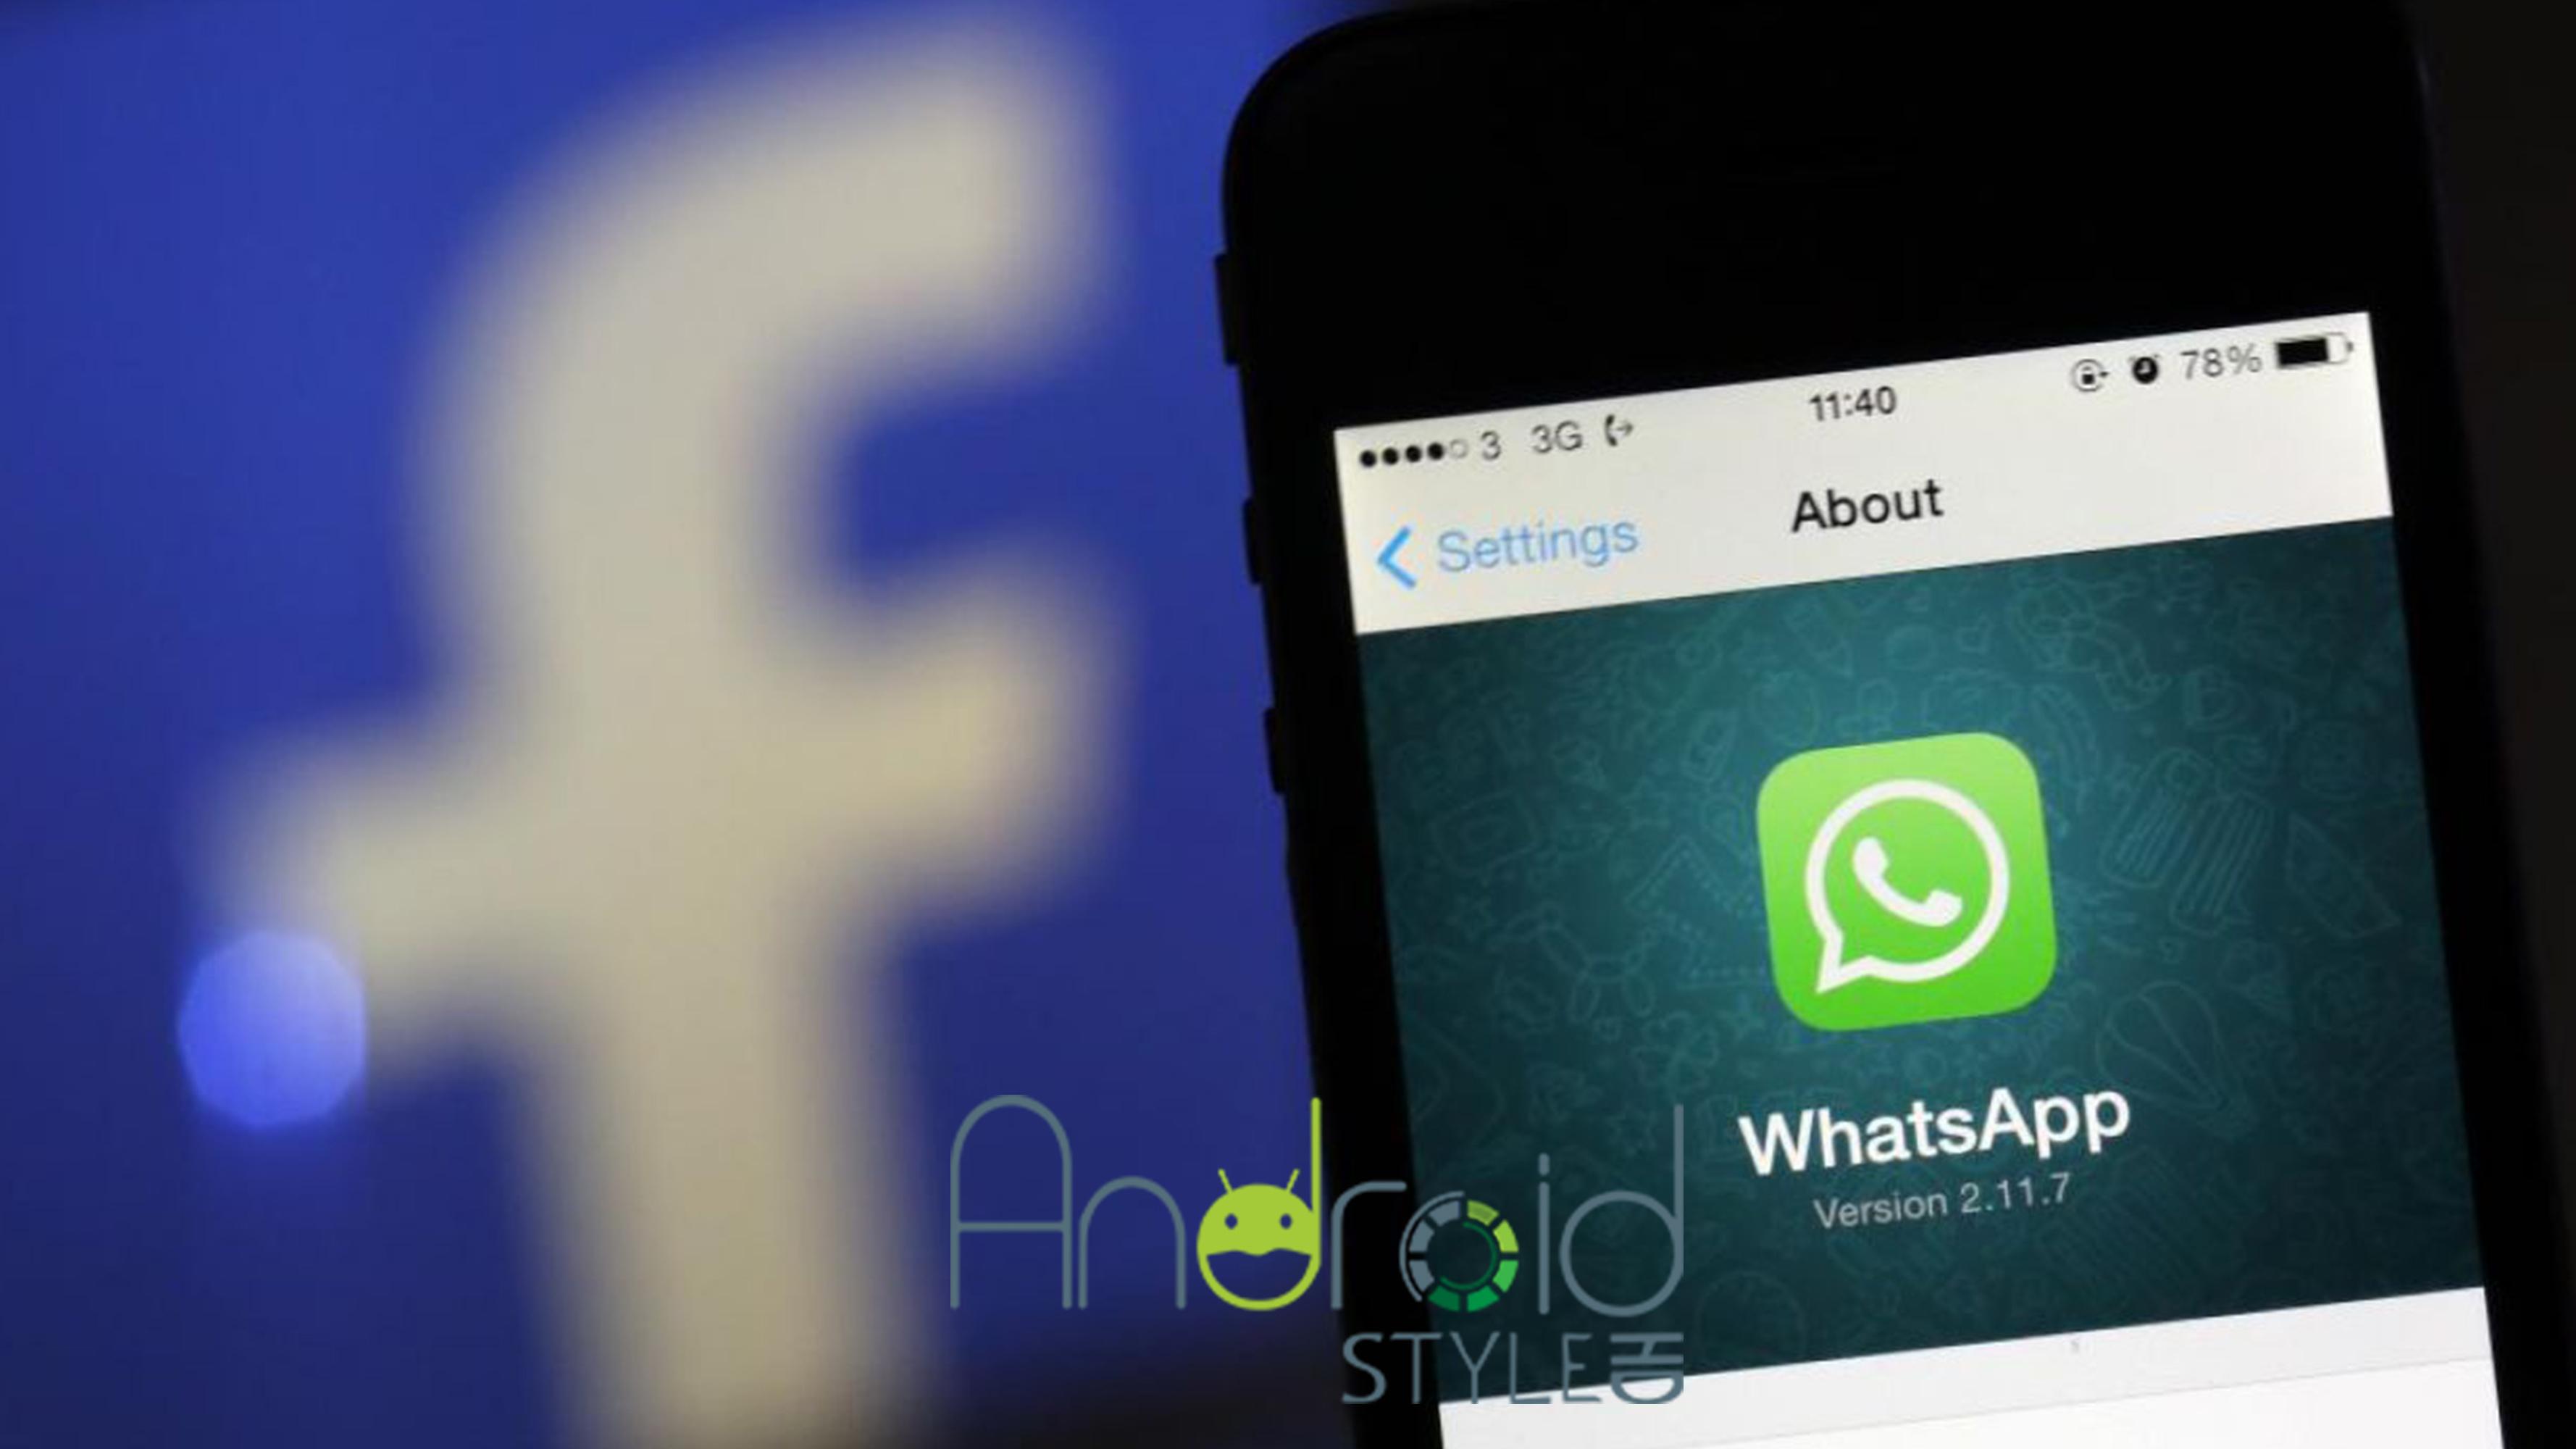 Privacy Facebook - Whatsapp: Europa contro la diffusione selvaggia di dati sensibili